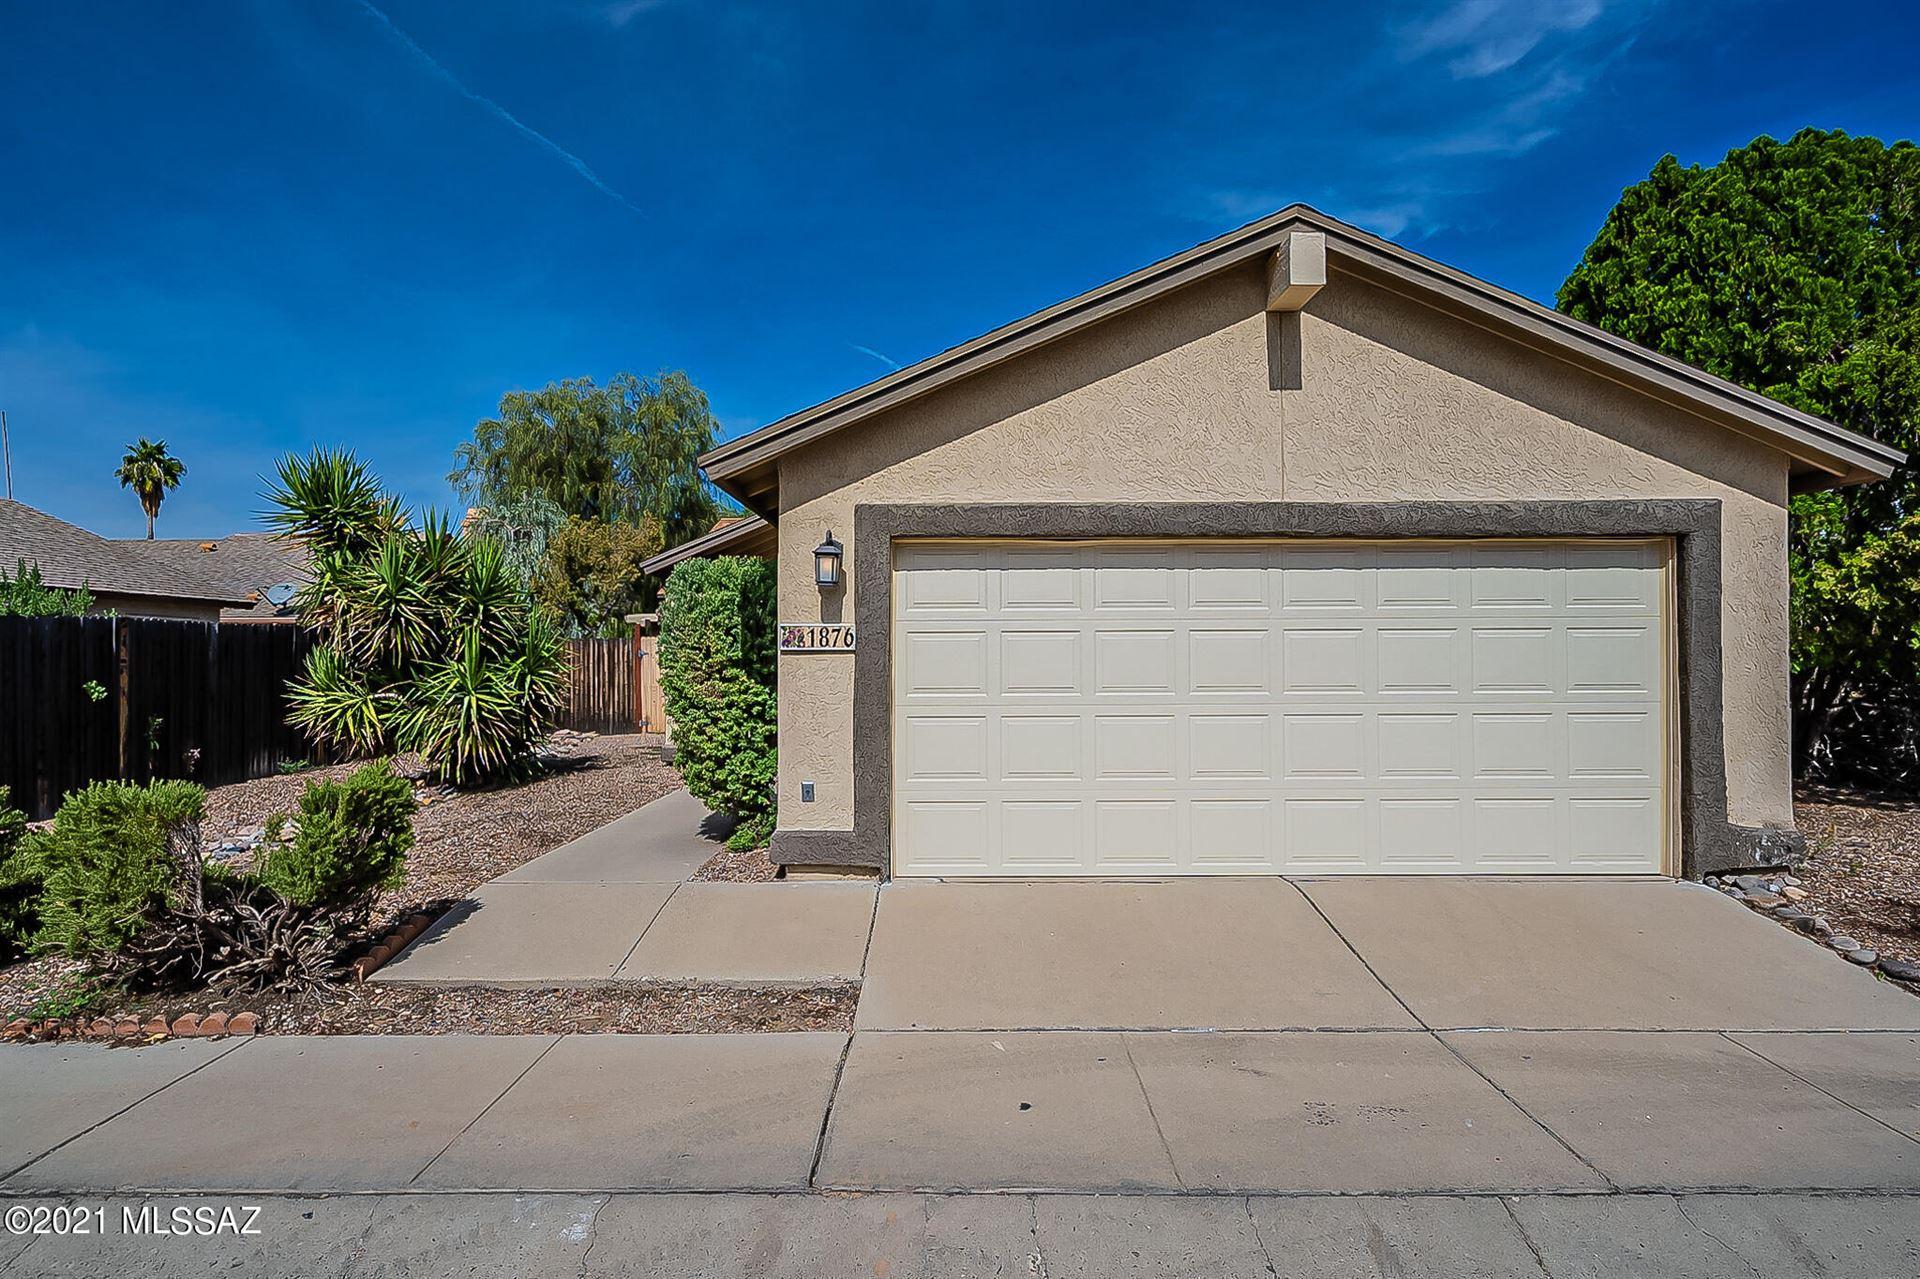 1876 W Egle Lane, Tucson, AZ 85705 - MLS#: 22125092